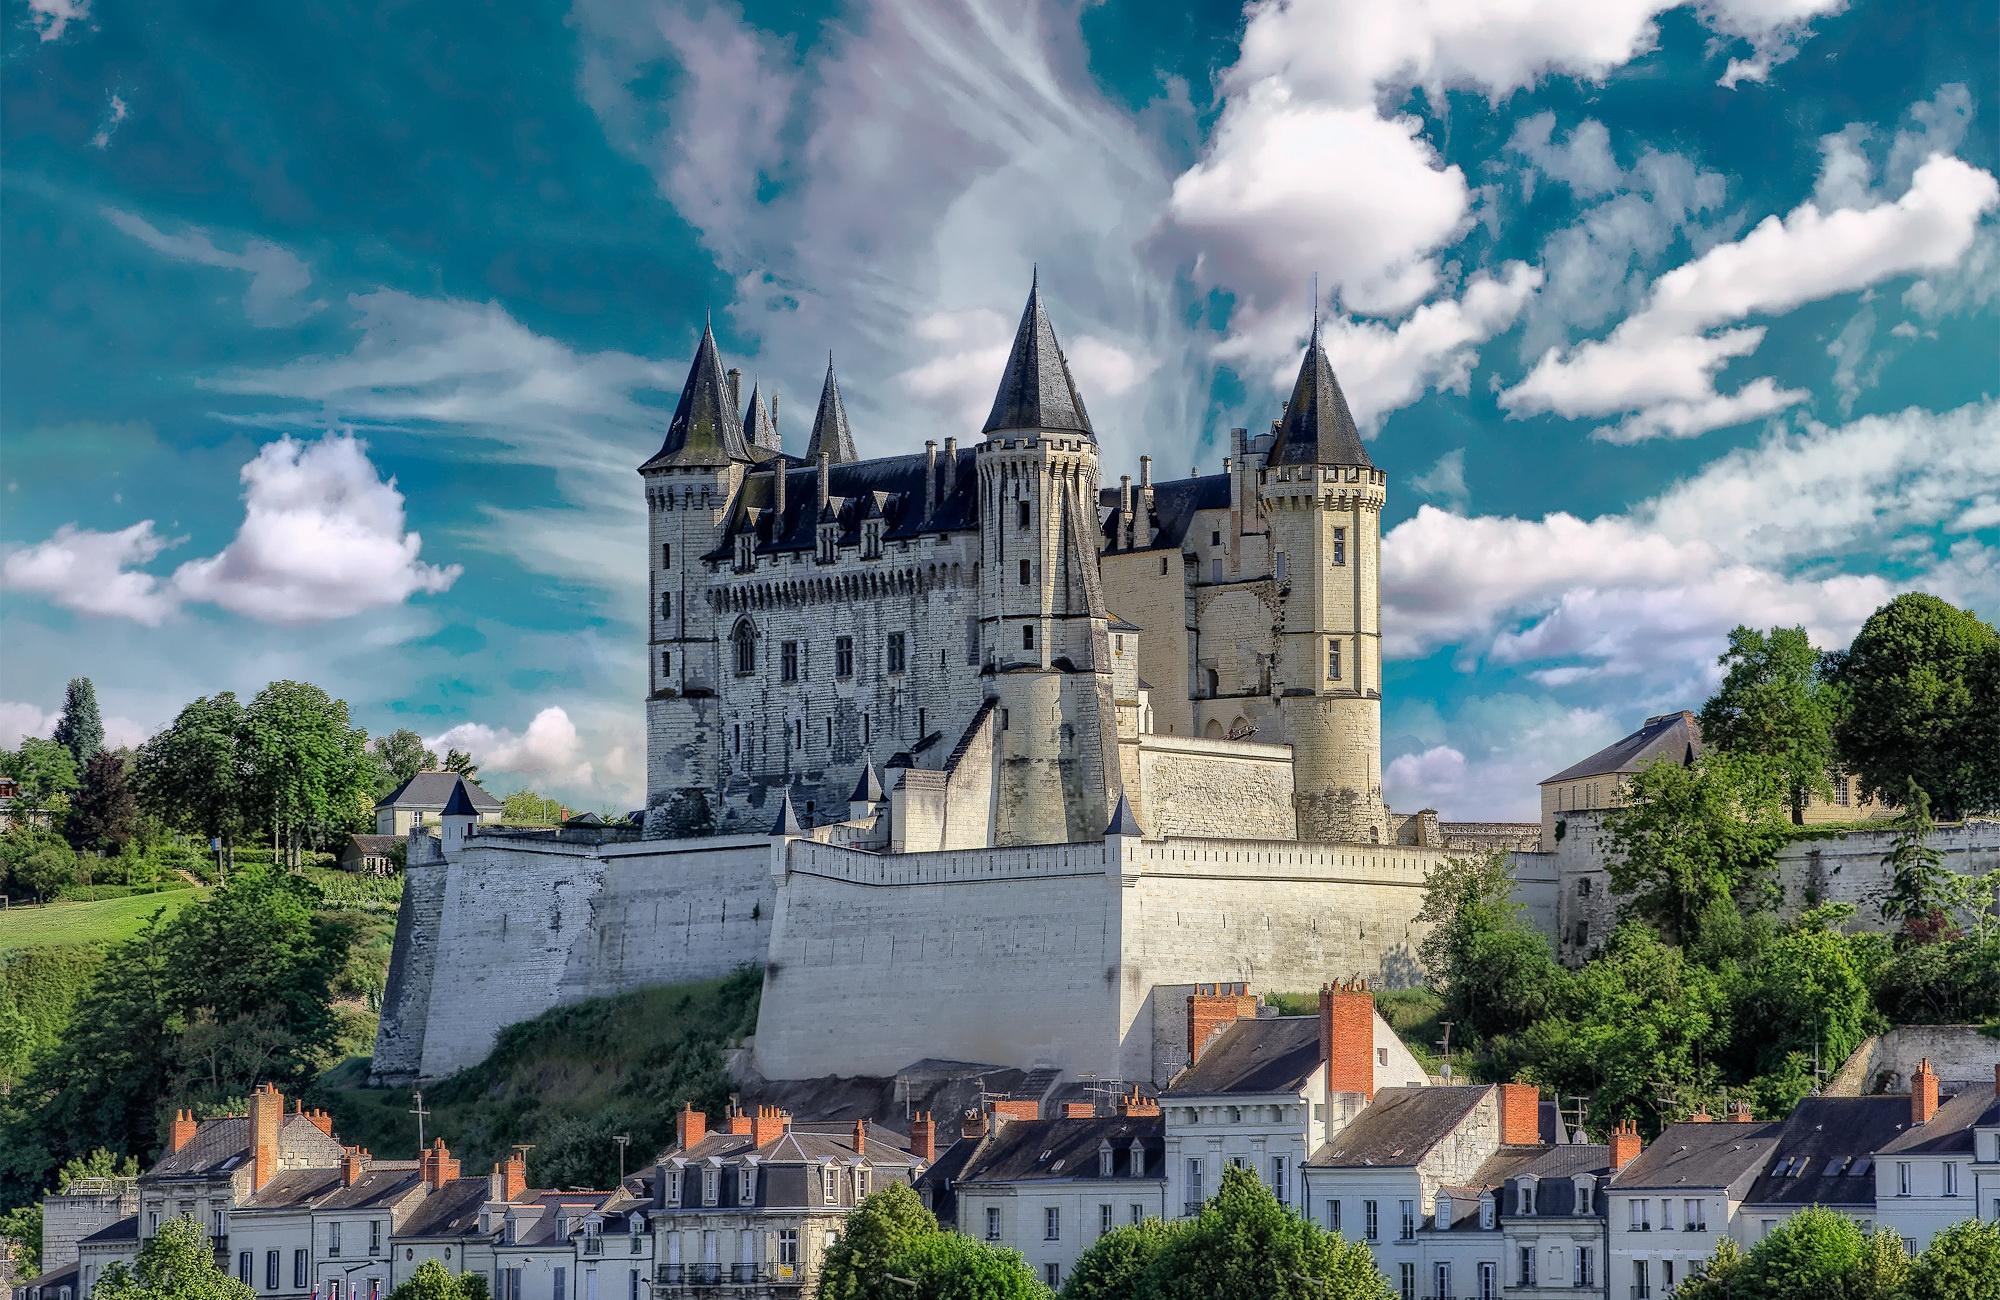 General 2000x1300 castle building France